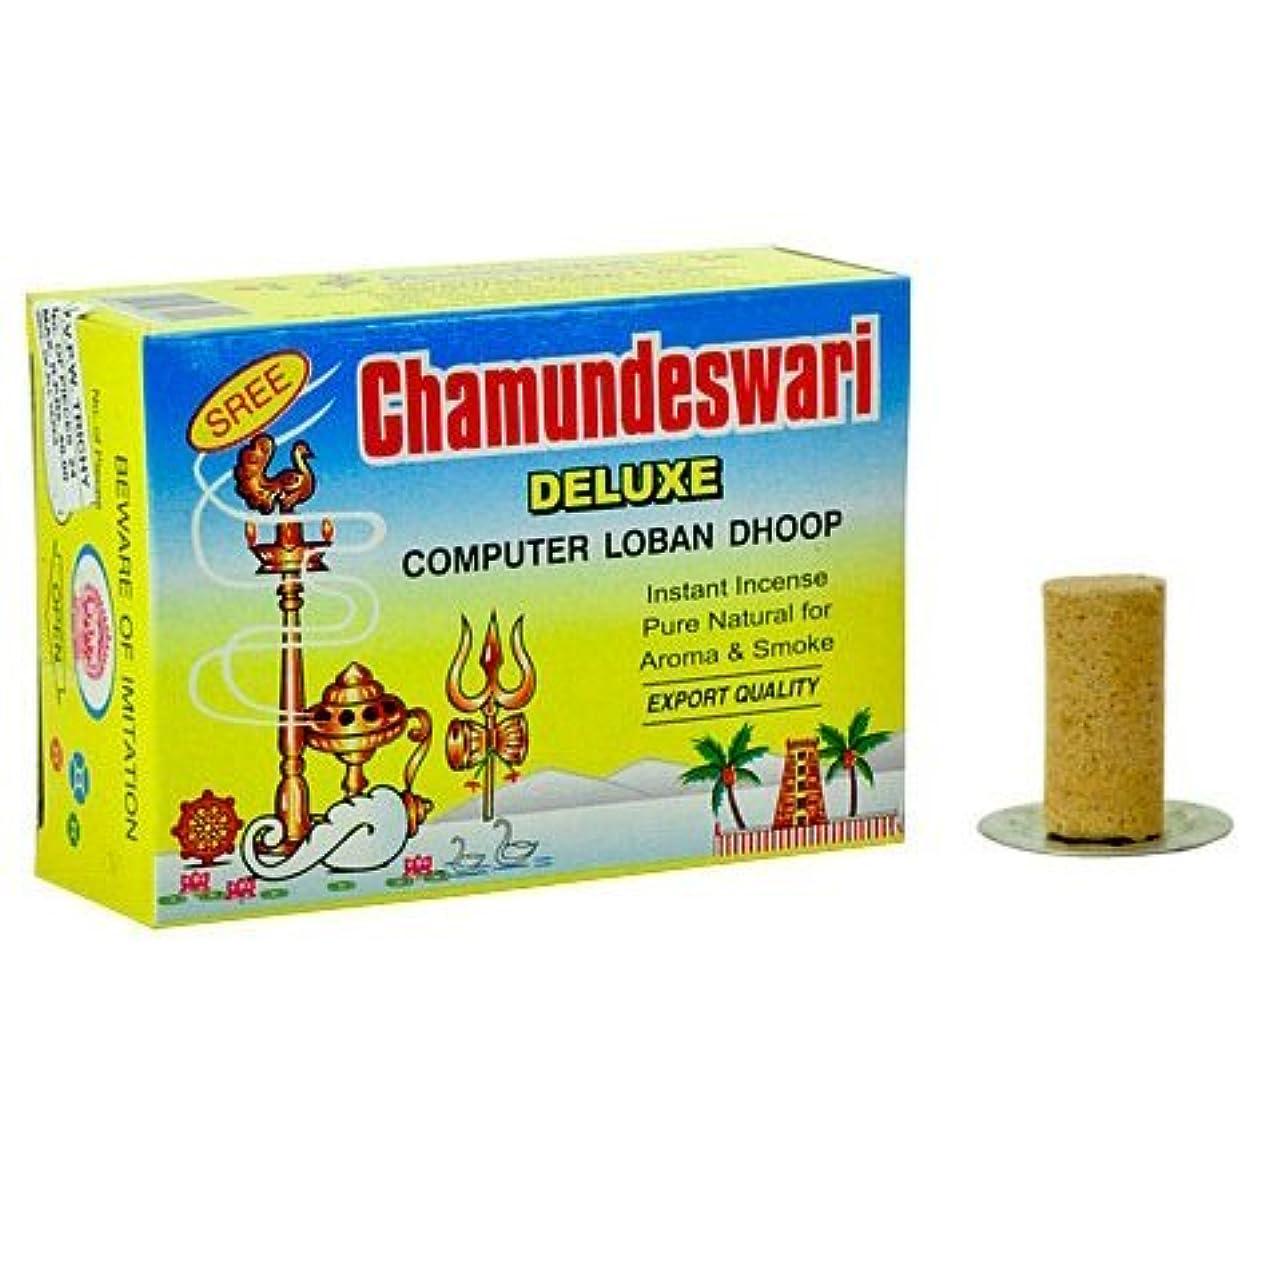 チューリップサラダ非効率的なSree ChamundeswariデラックスコンピュータSambrani Loban Dhoop、1.5